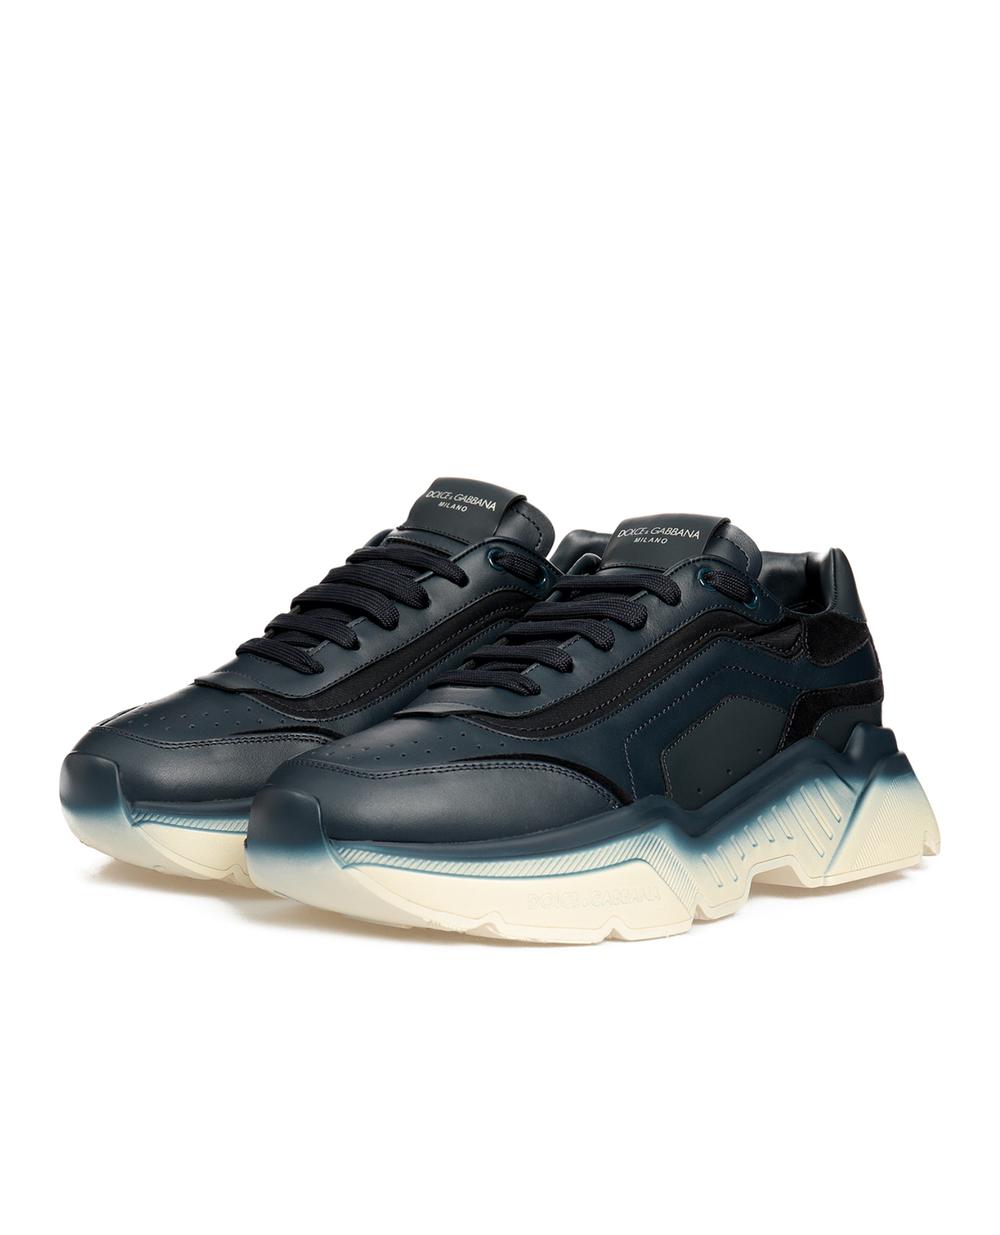 Кожаные кроссовки Dolce&Gabbana CS1805-AW178 — Kameron